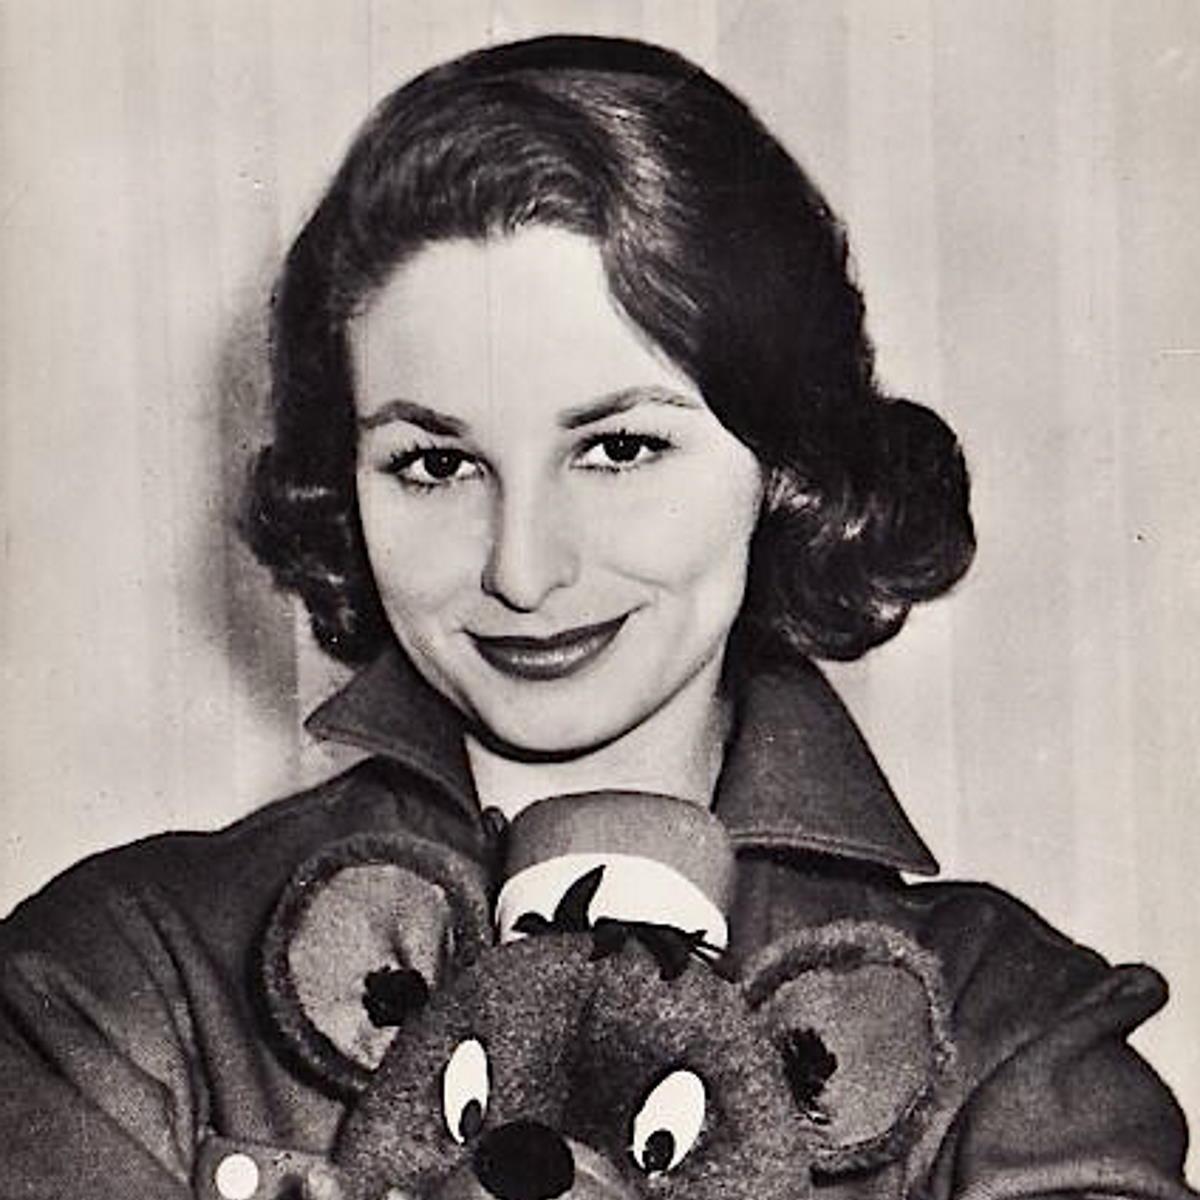 È morta all'età di 92 anni Nicoletta Orsomando, la più famosa delle signorine buonasera della Rai